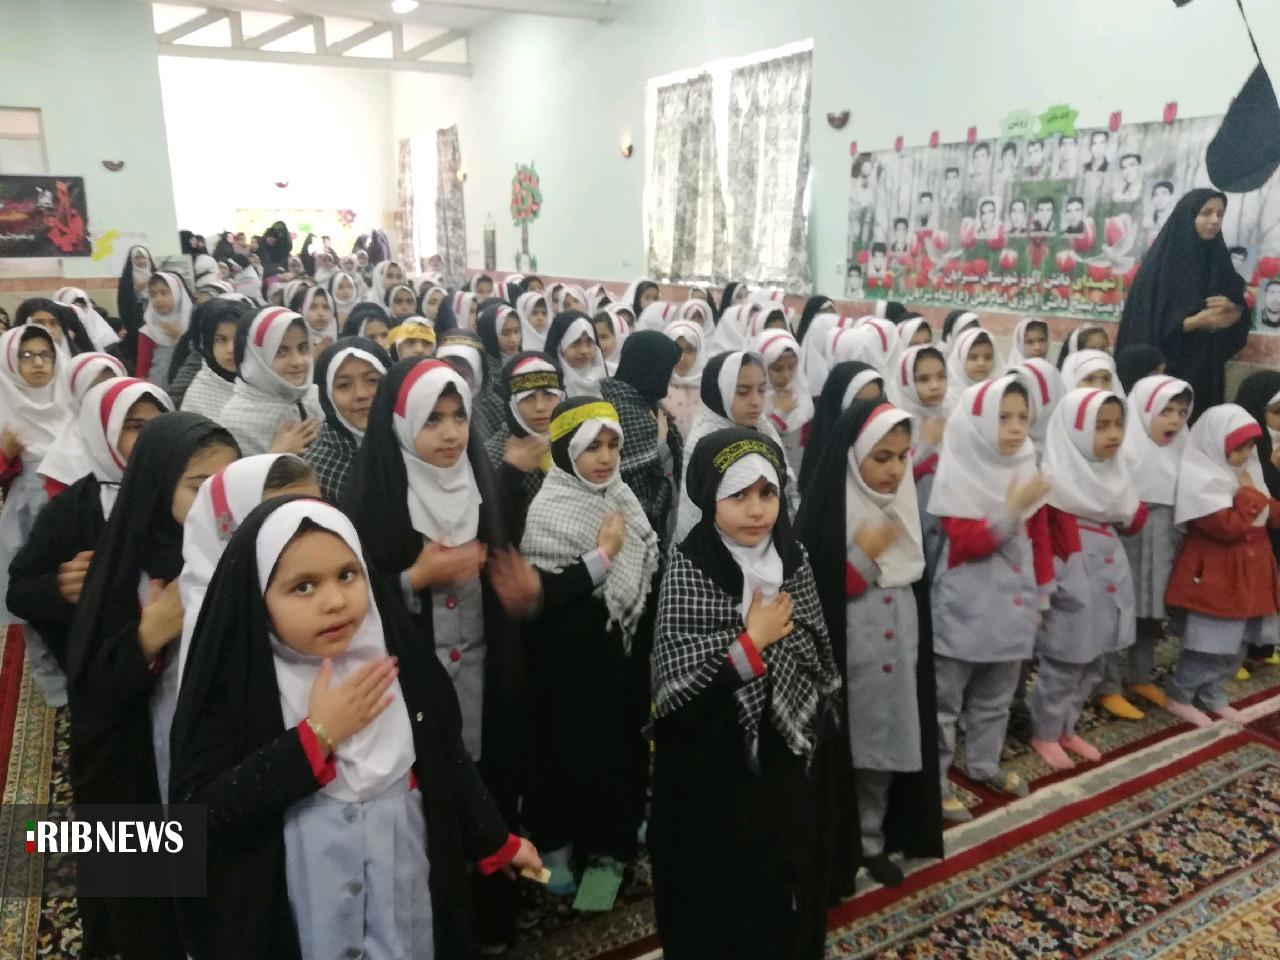 برگزاری یادواره یادبود سردار شهید حاج قاسم سلیمانی در آیسک